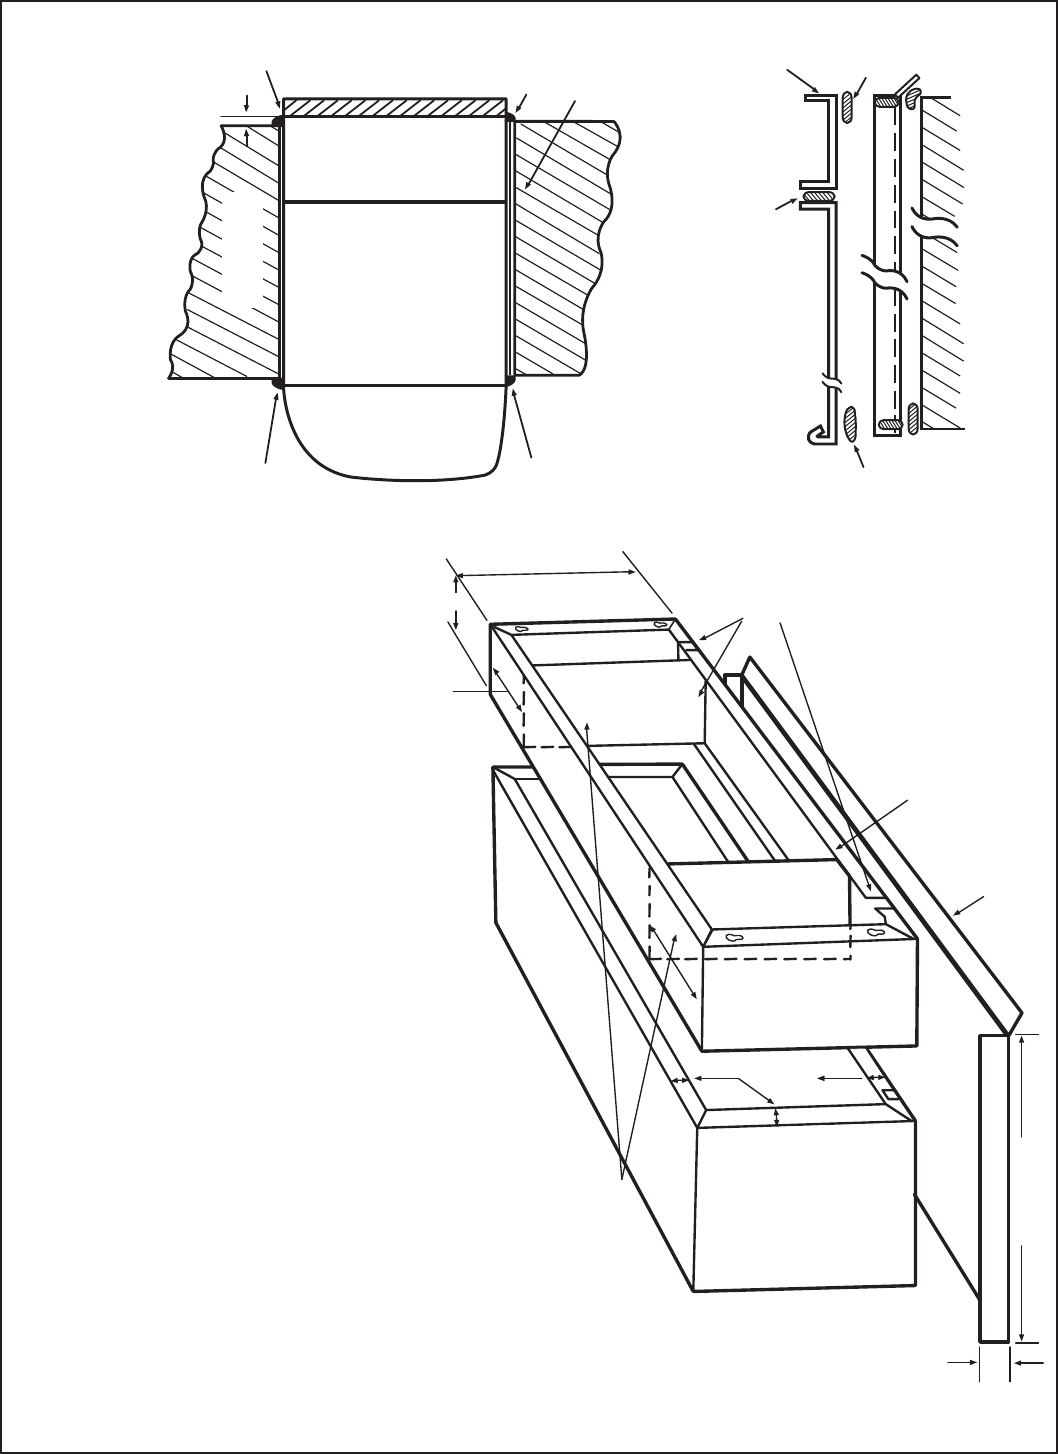 Ge Ptac Wiring Diagram Az75h18dacm1